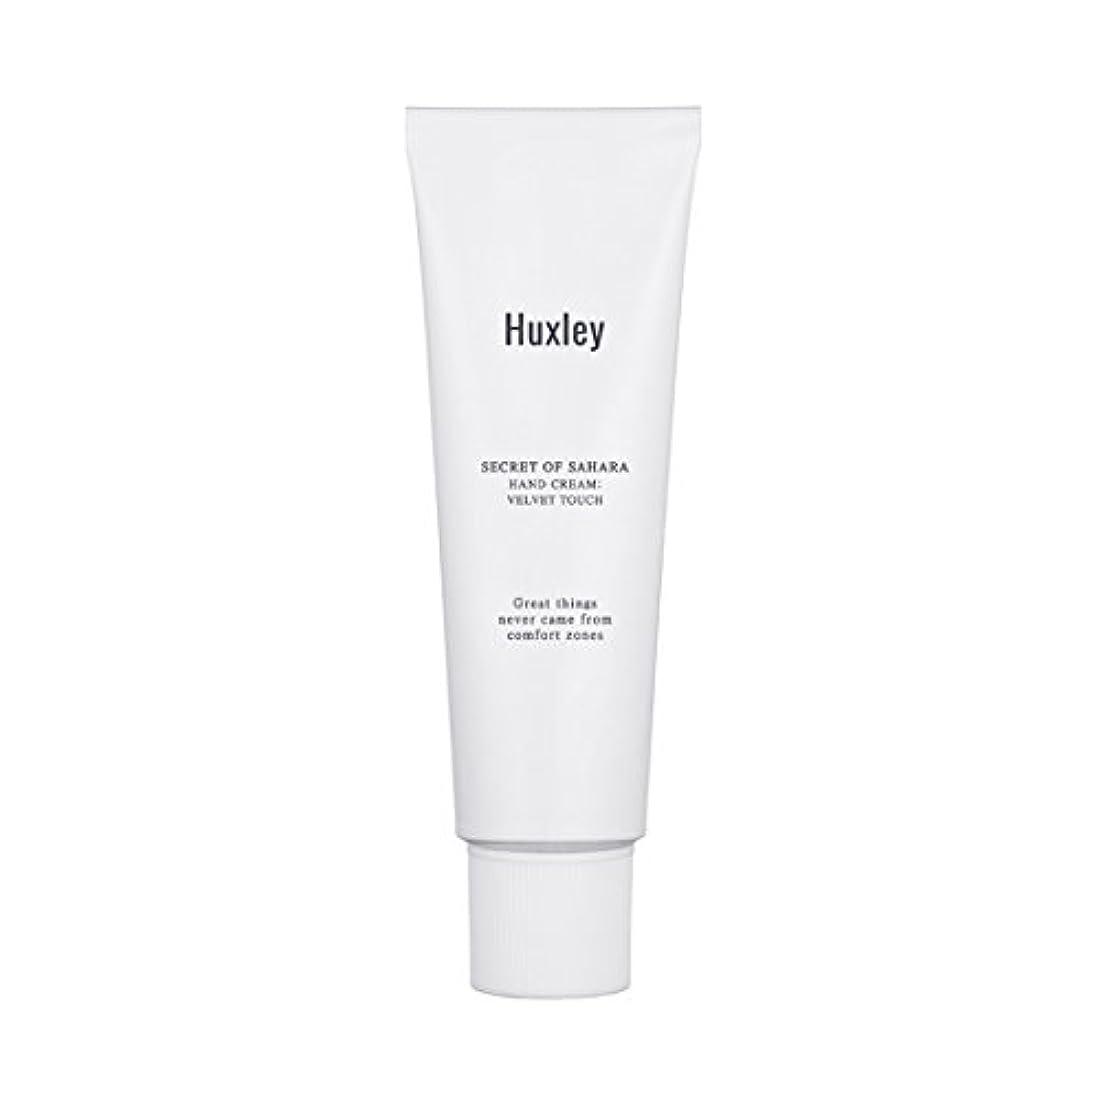 ベーカリーガラス判読できないHuxley Hand Cream;Velvet Touch 30ml/ハクスリー ハンドクリーム;ベルベット タッチ 30ml [並行輸入品]